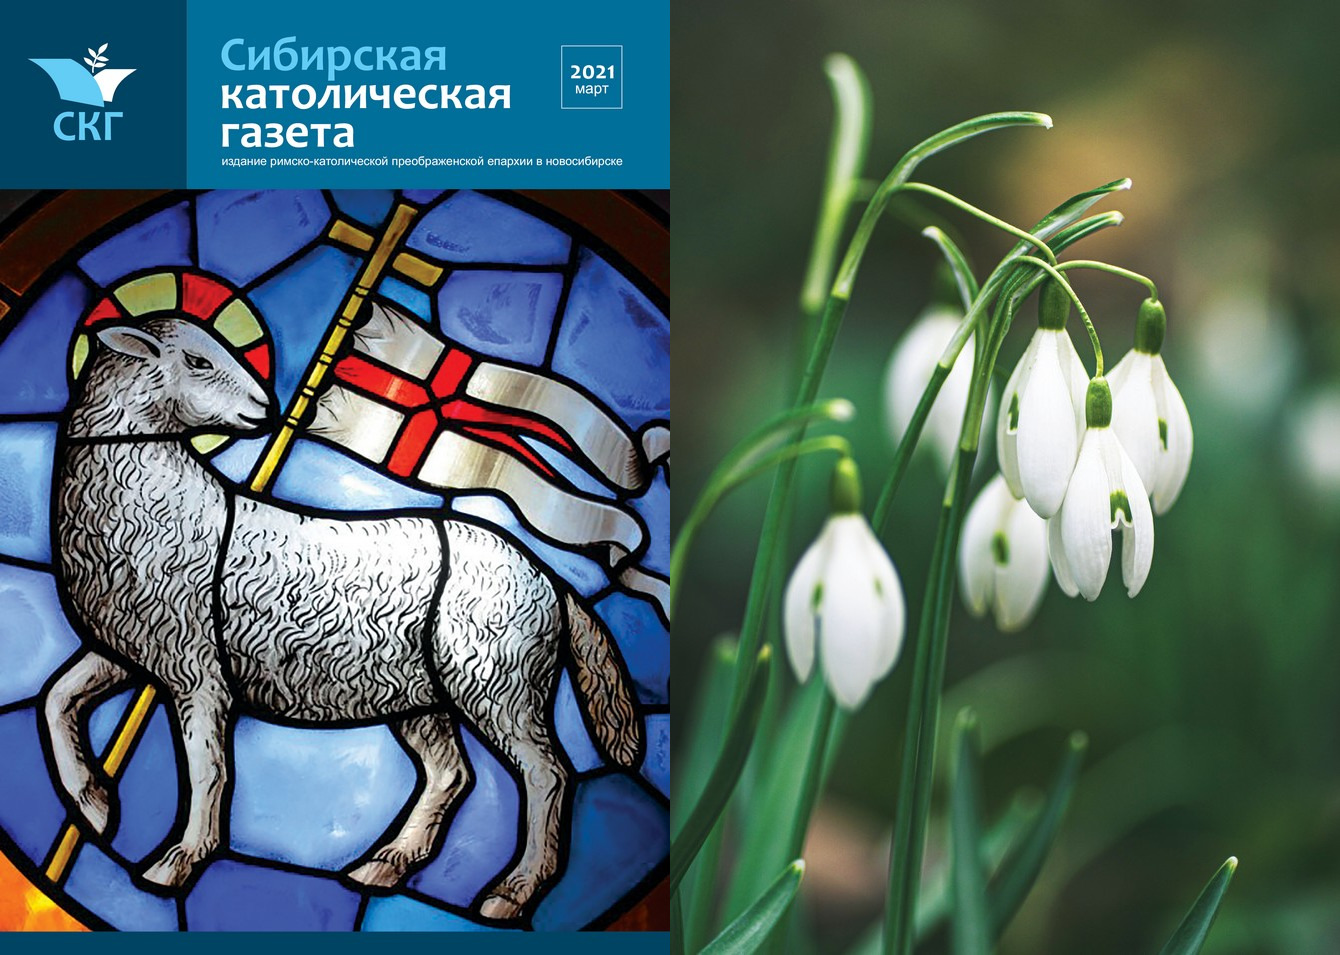 Увидел свет первый в 2021 году номер «Сибирской католической газеты»